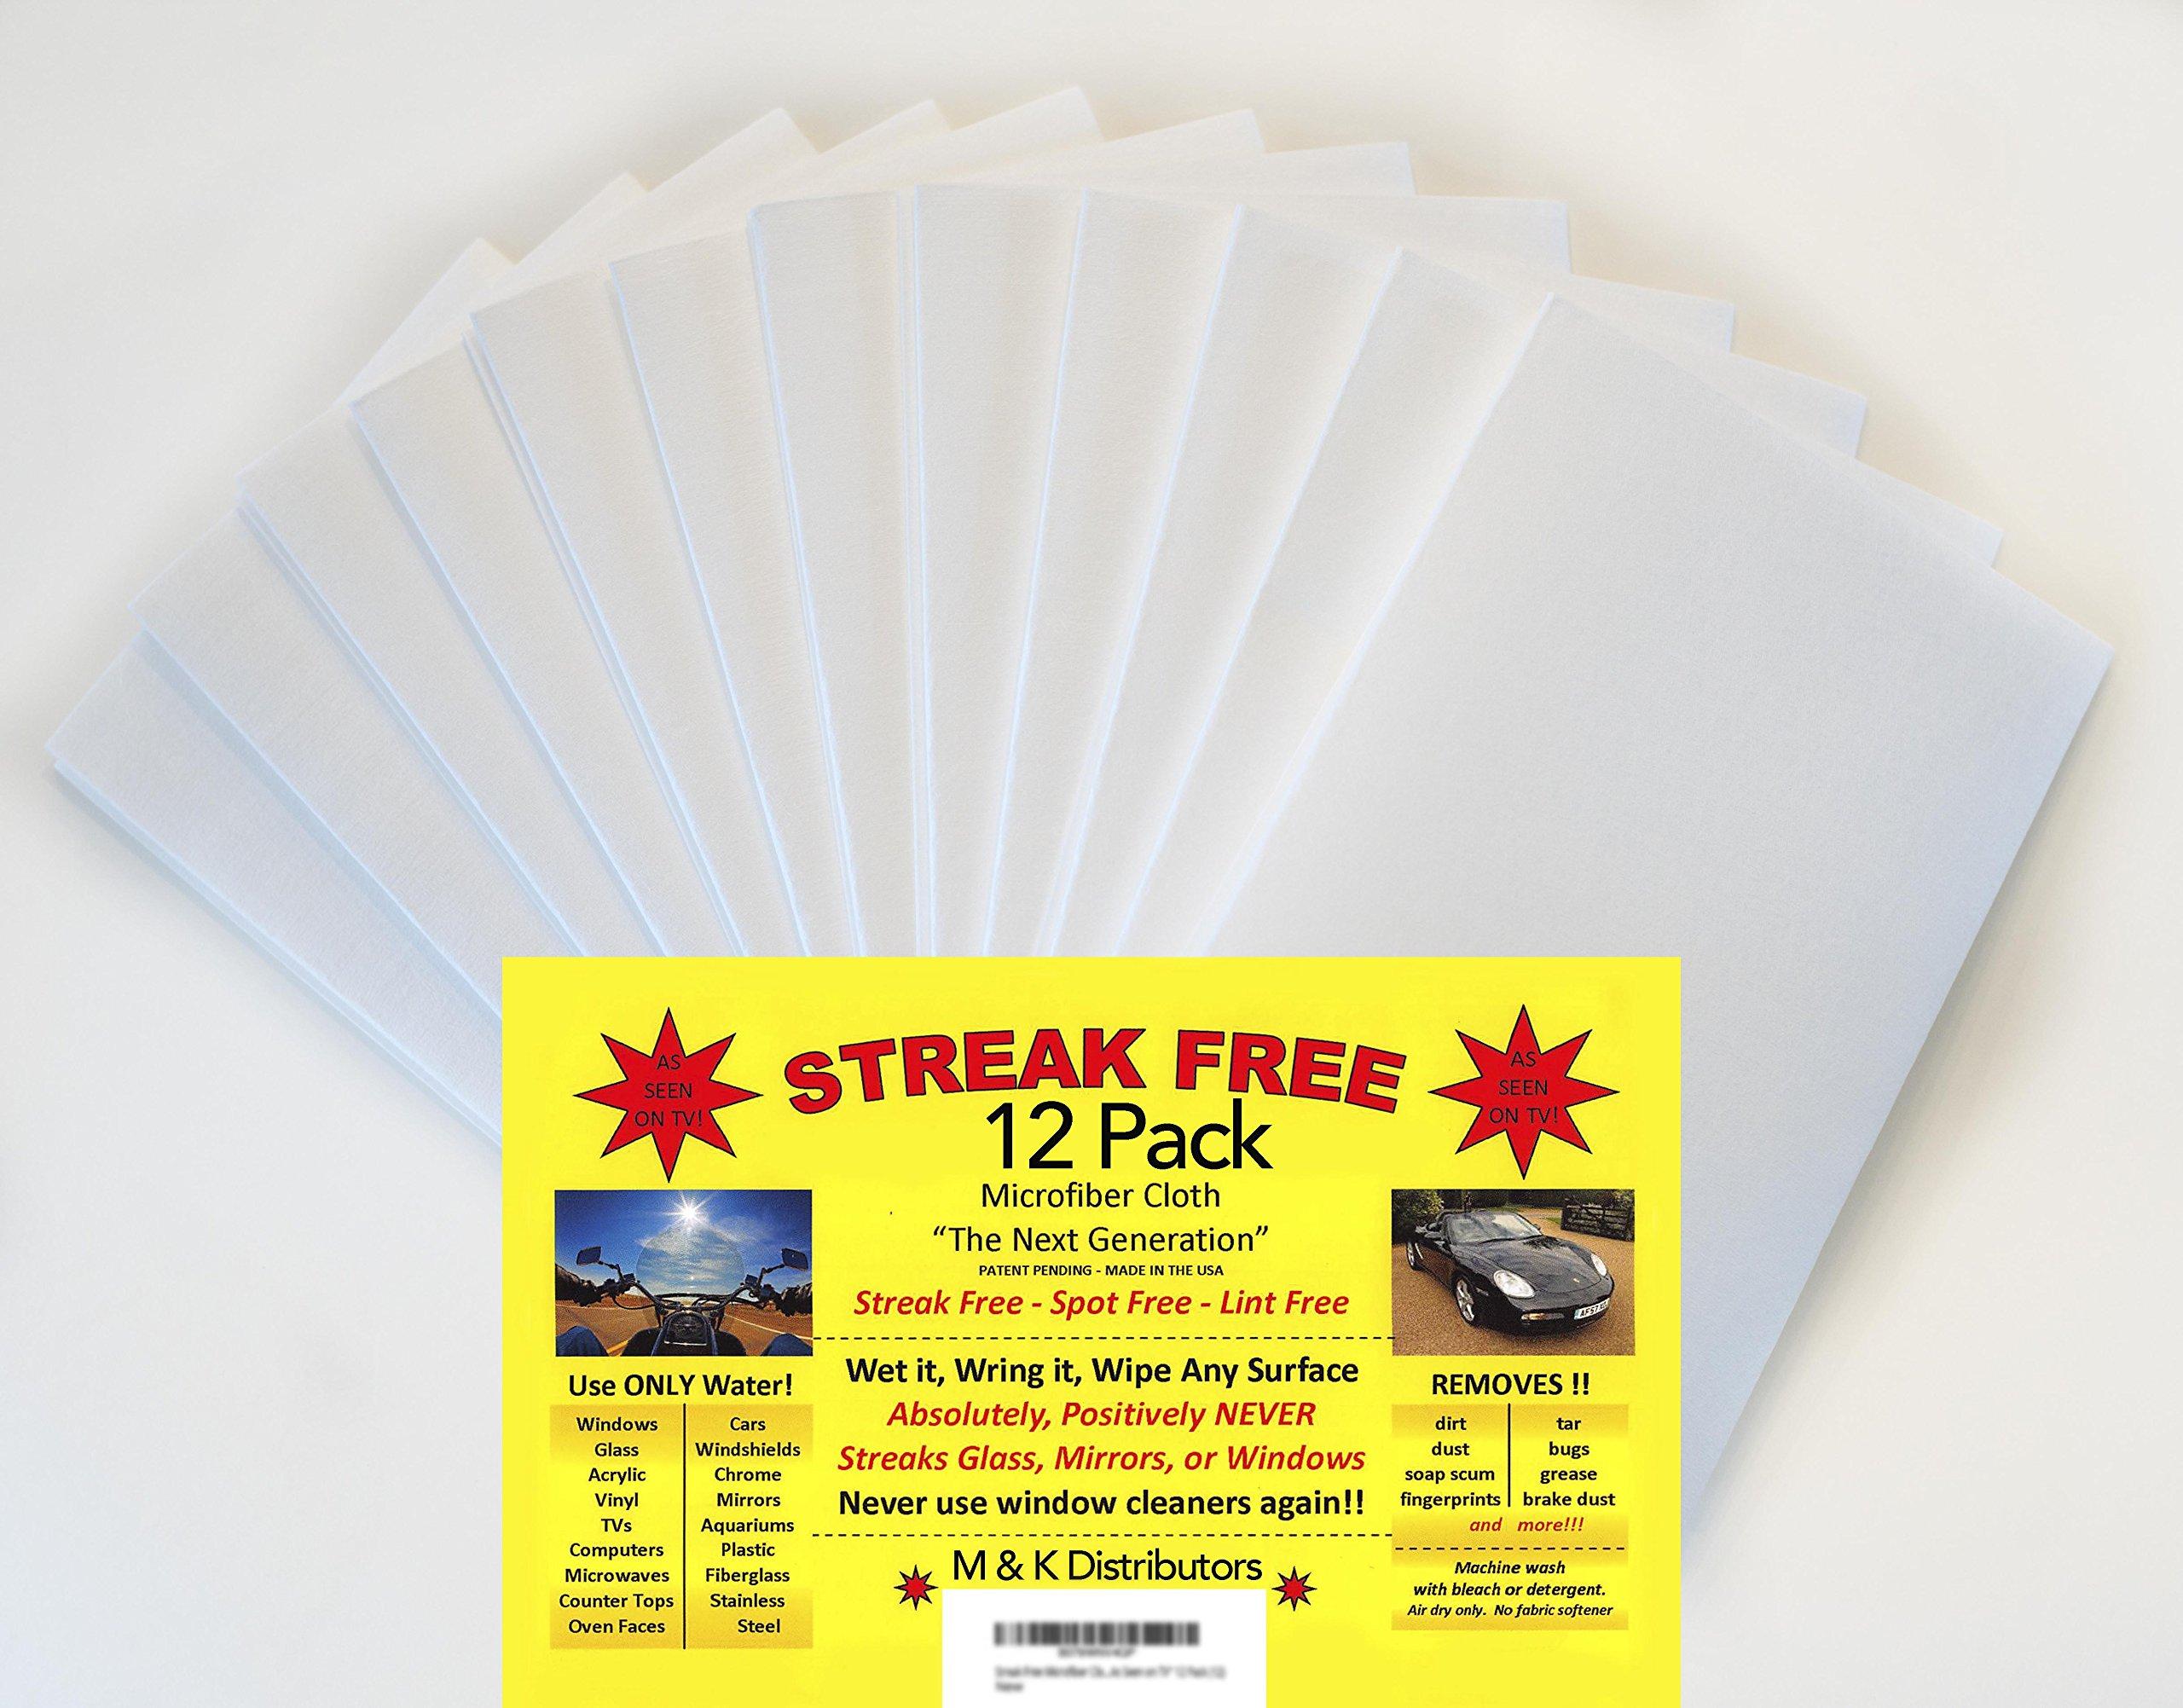 Streak Free Microfiber Cloth ''As Seen on TV'' 12 Pack (12) by streak free / 3